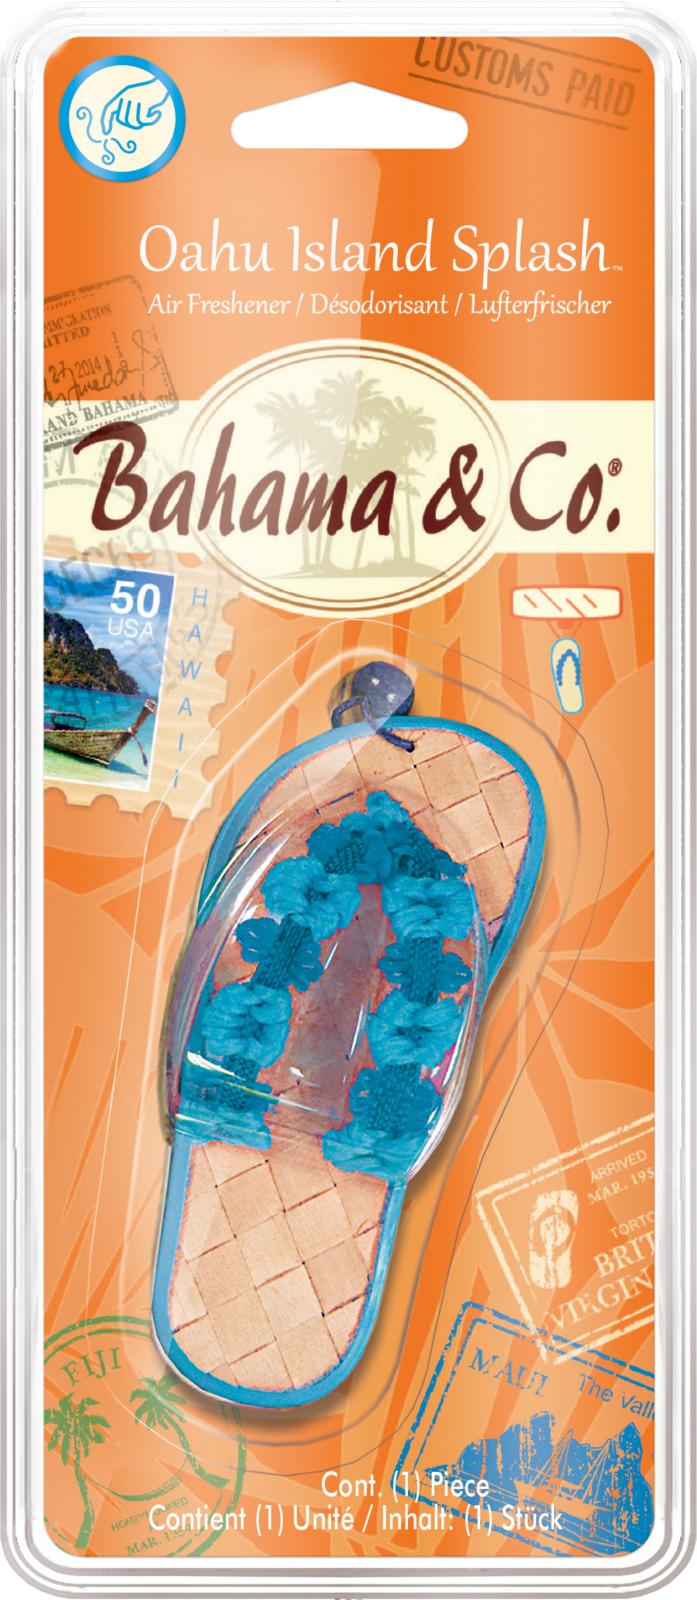 Освежитель воздуха автомобильный Bahama & Co. Пляжный тапочек - аромат с острова Oaxy, E301411800, 19 x 7,5 x 2,4 см